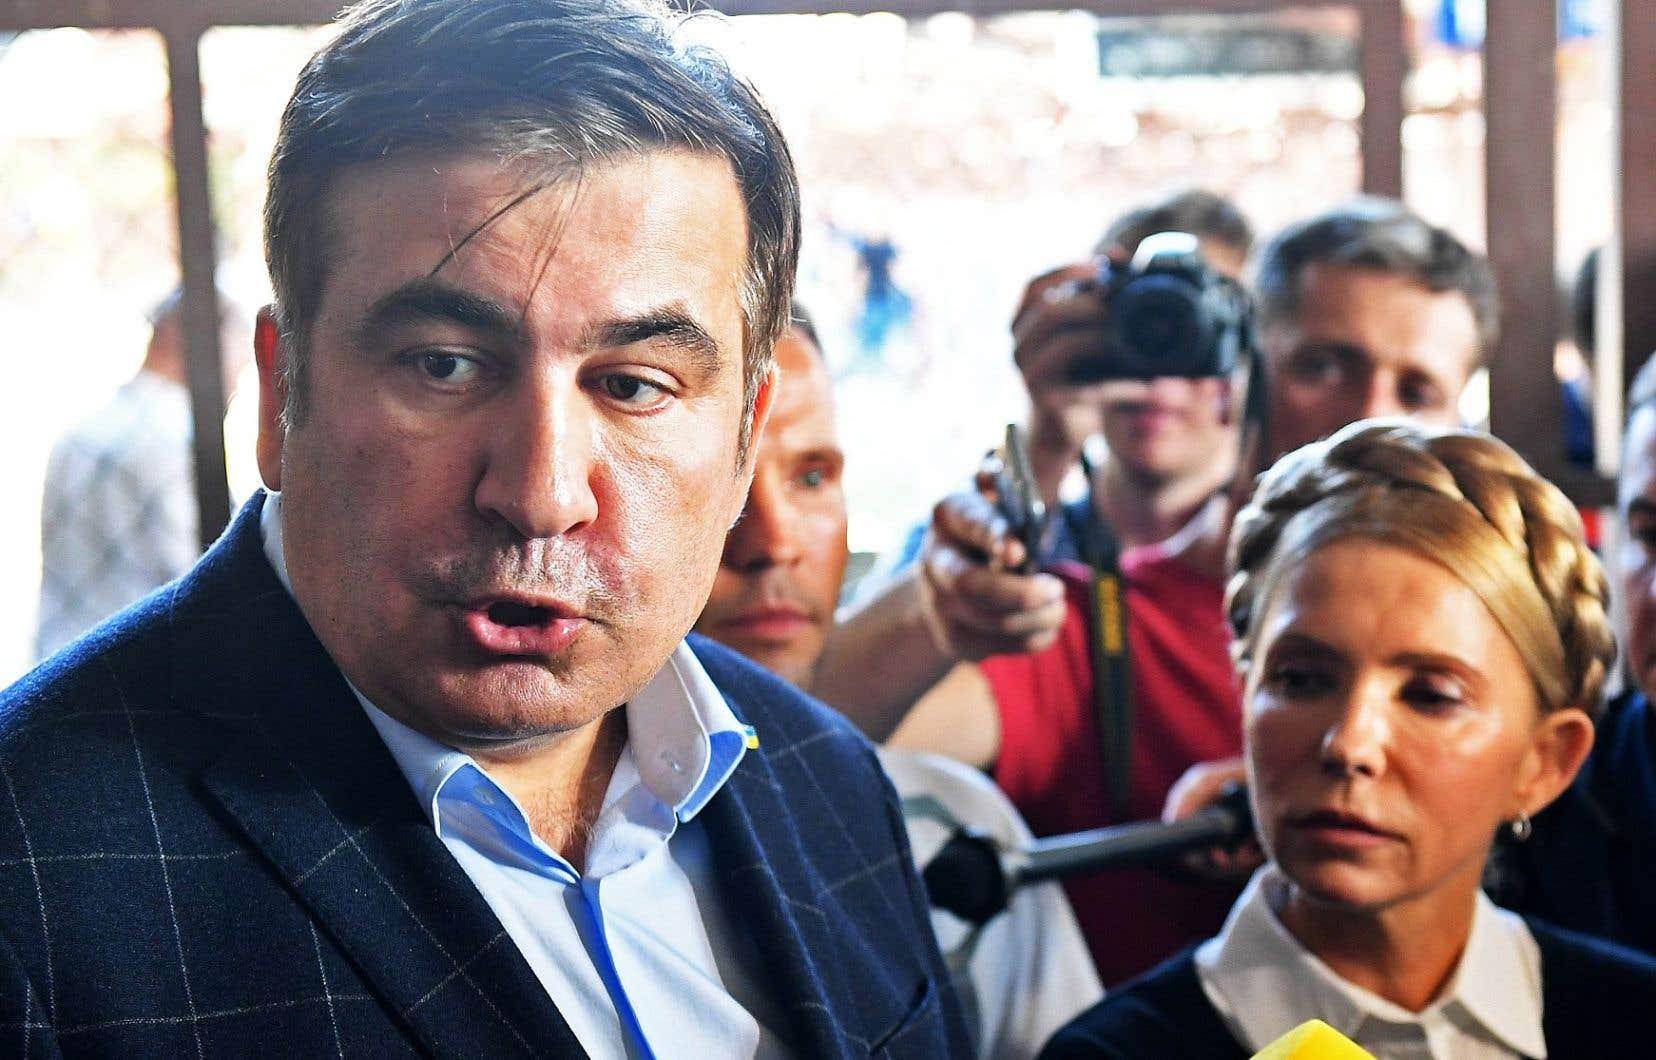 L'ex-président géorgien Mikheïl Saakachvili photographié à la station de train de Przemysl, en Pologne, dimanche